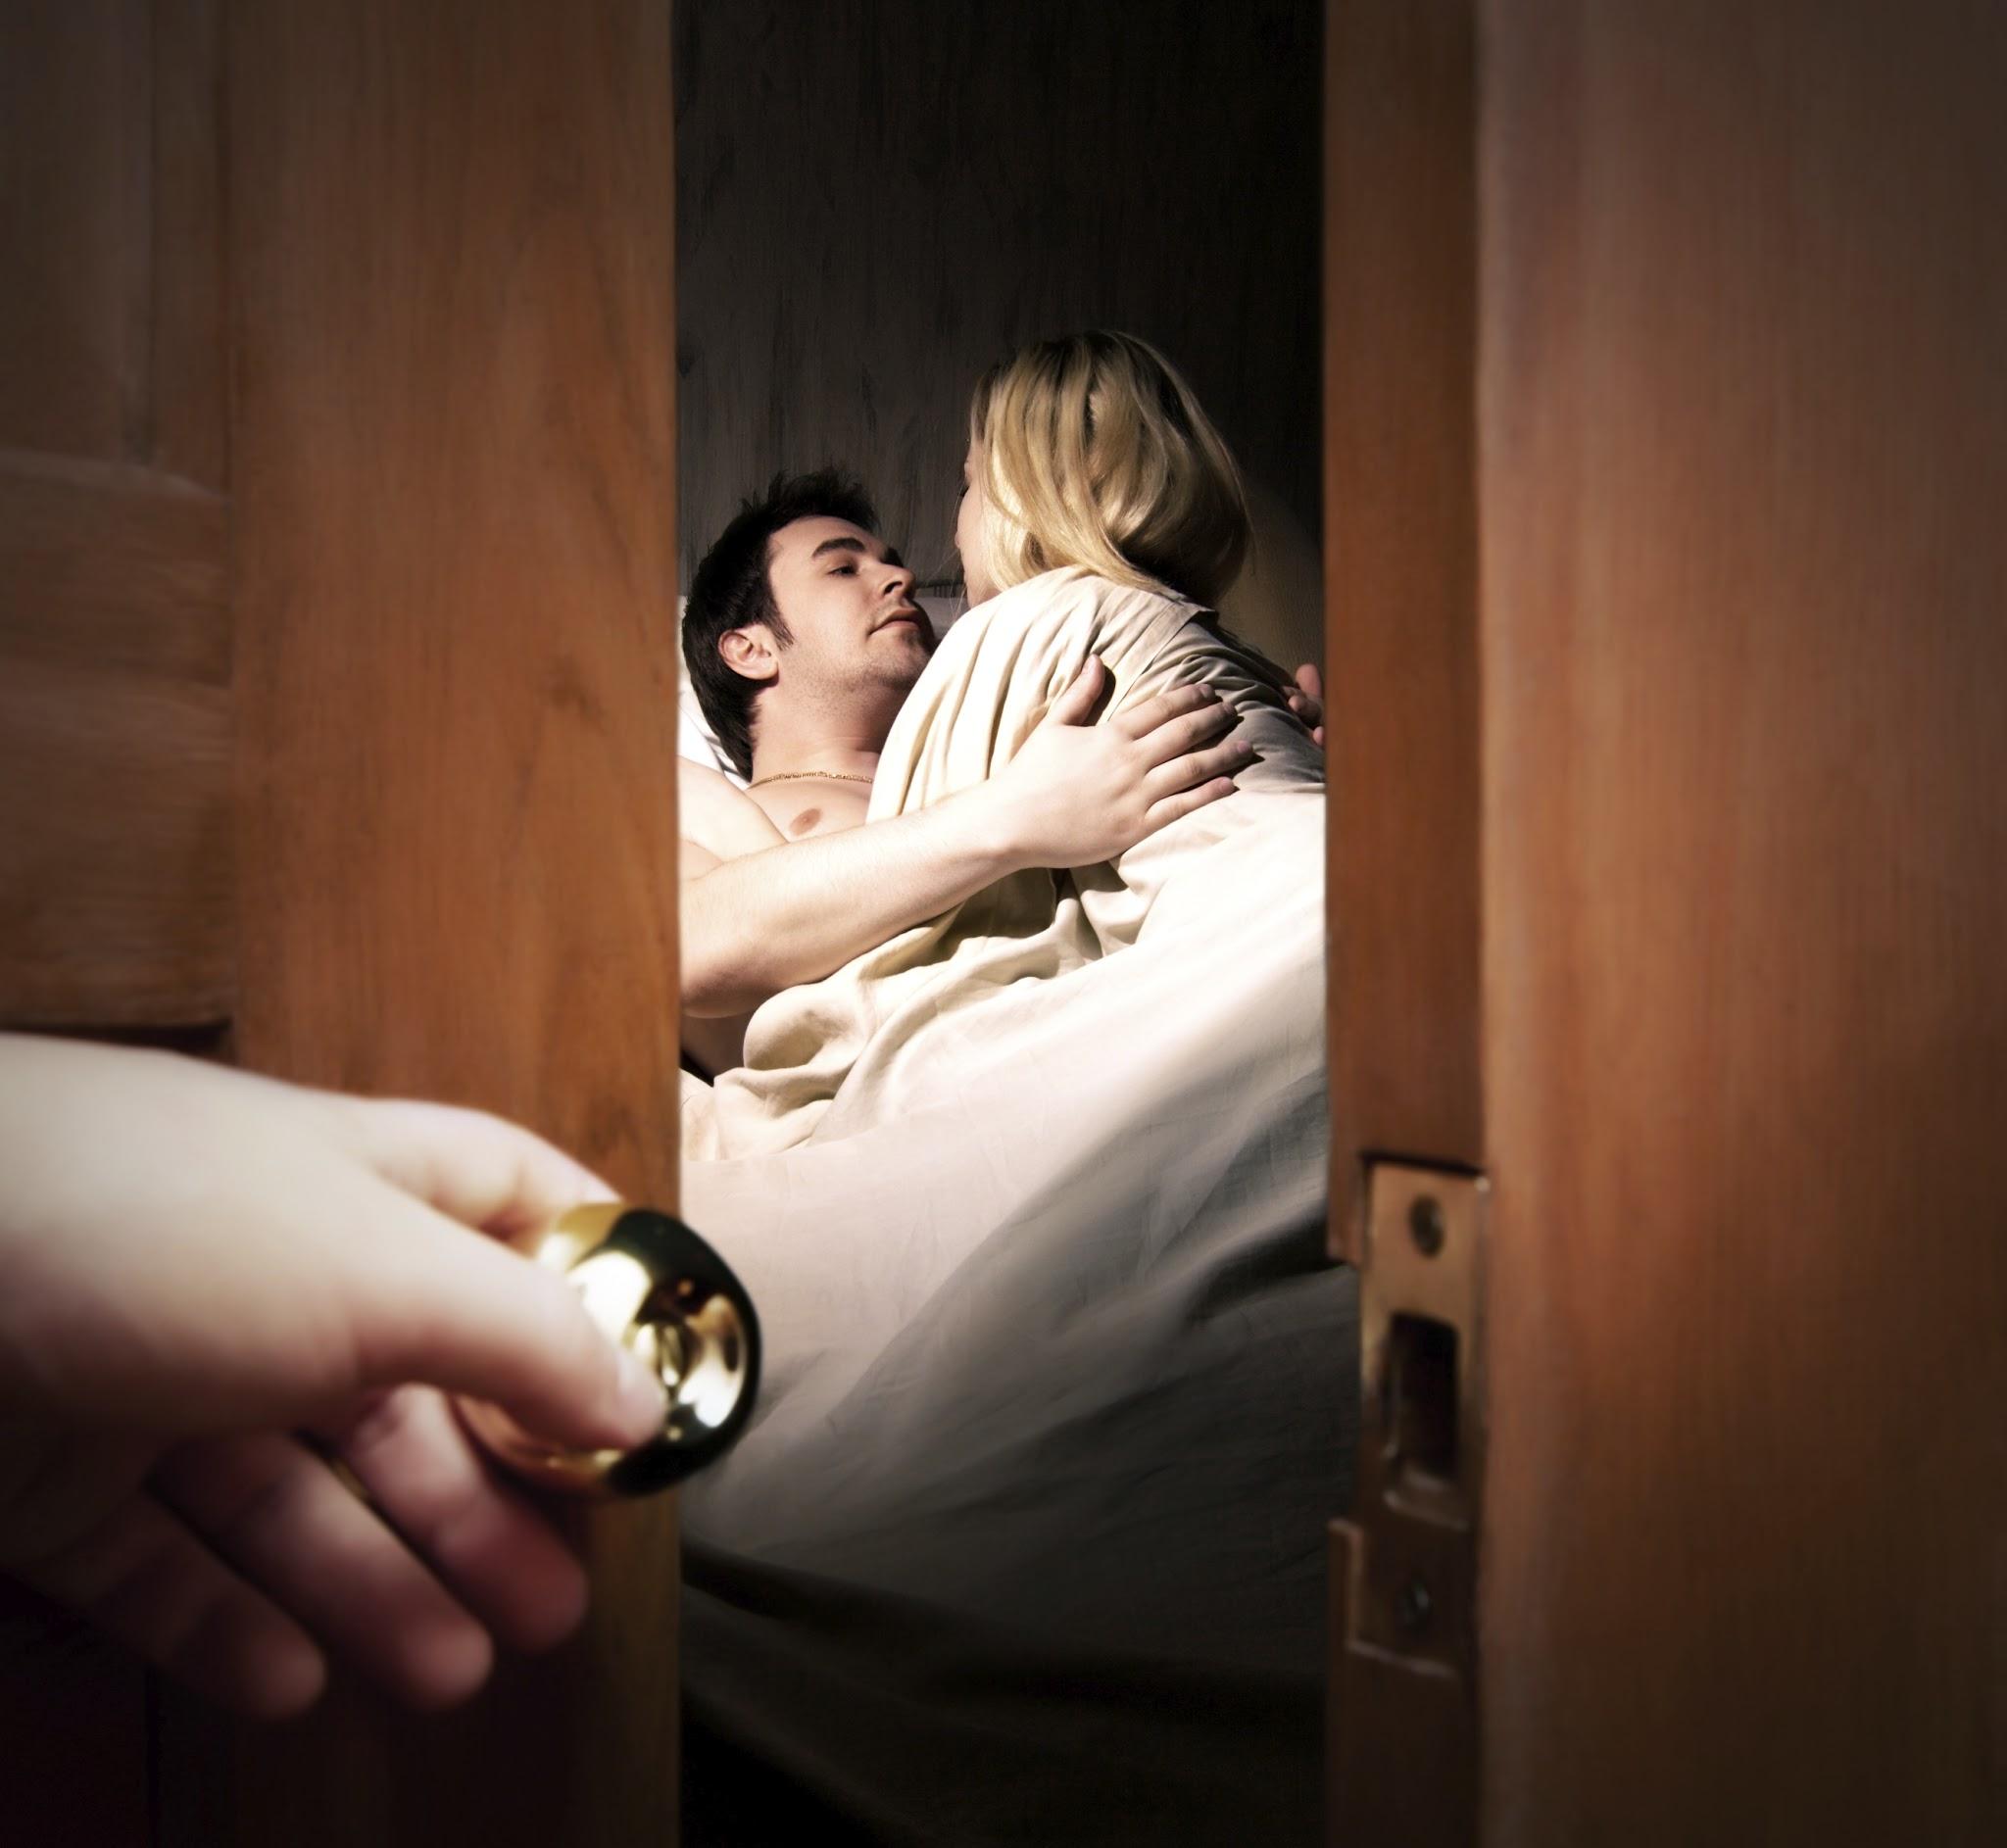 Como um Caso Extraconjugal Pode Arruinar a Sua Vida?